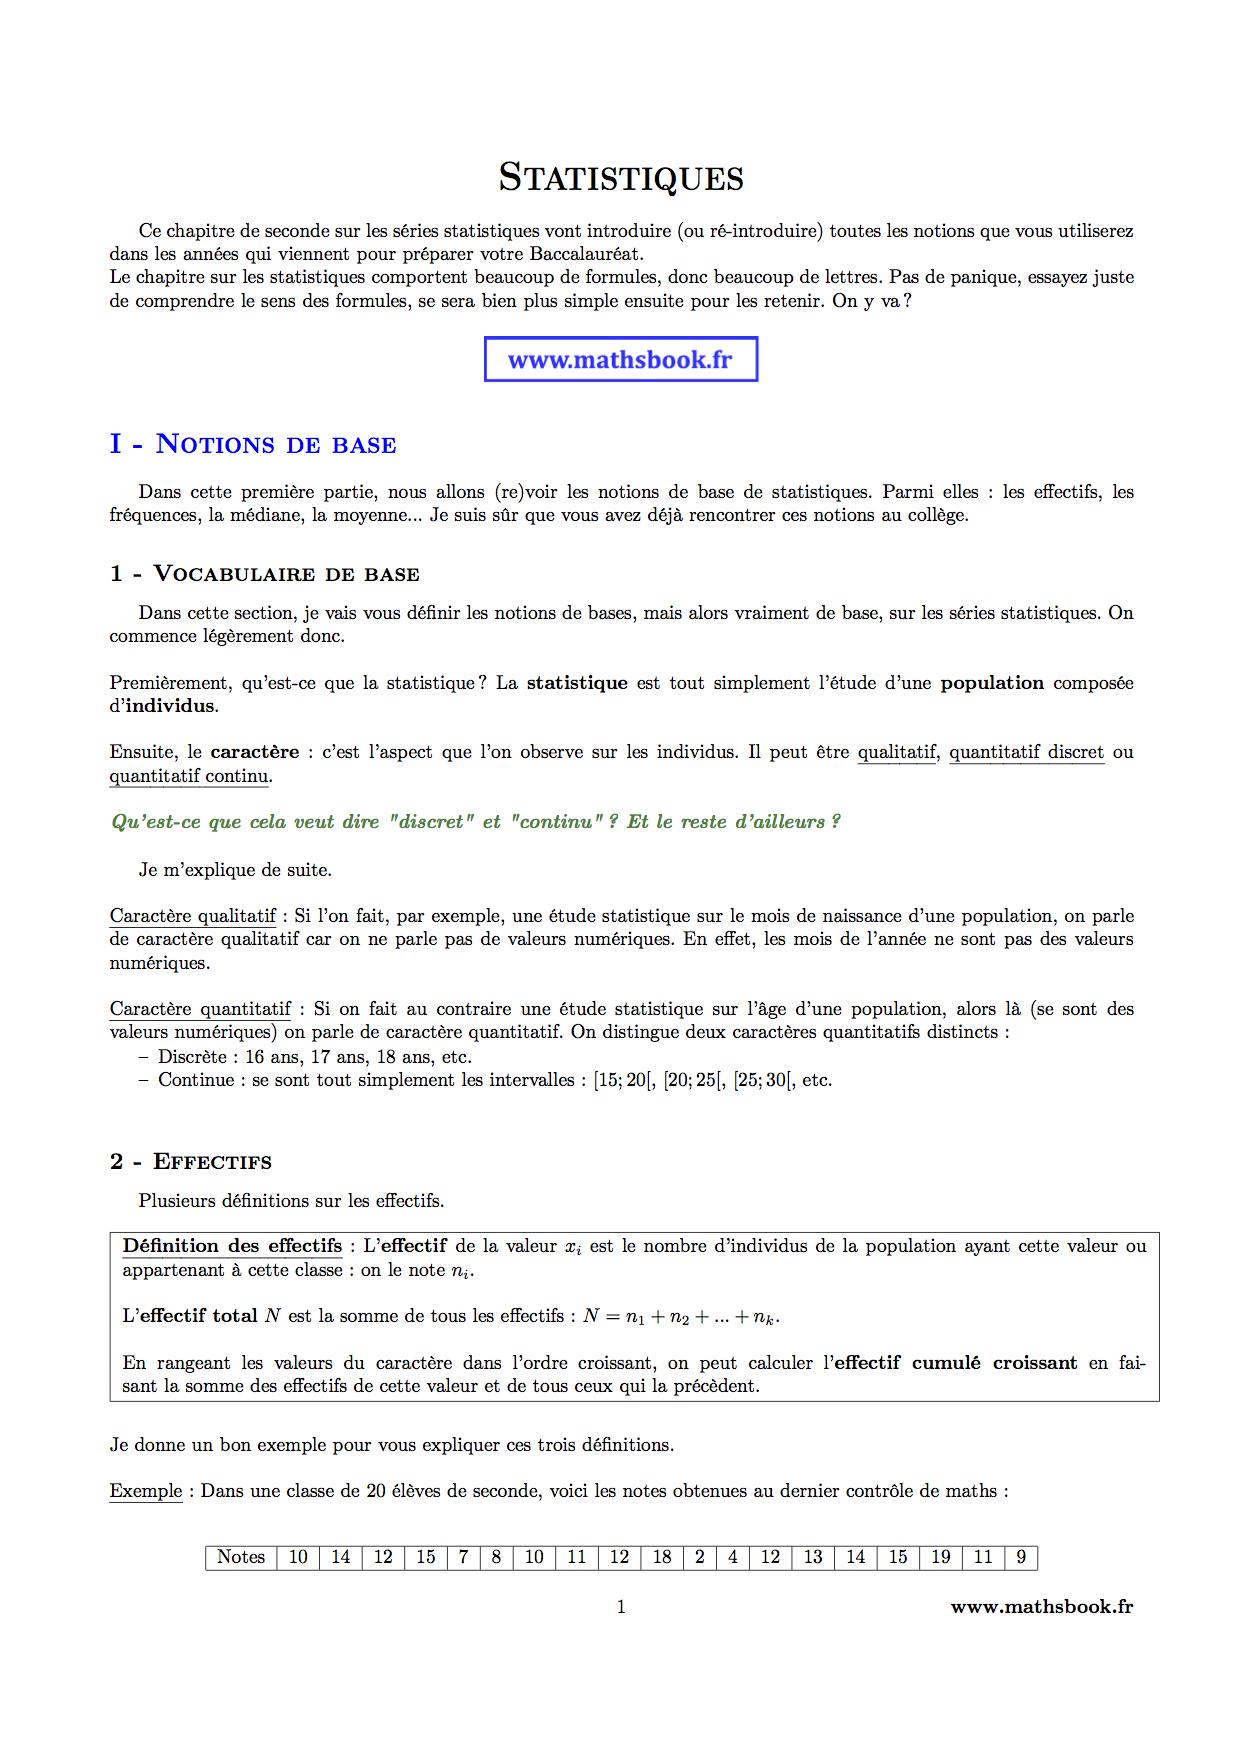 COURS AUTOCOMMUTATEUR PABX PDF